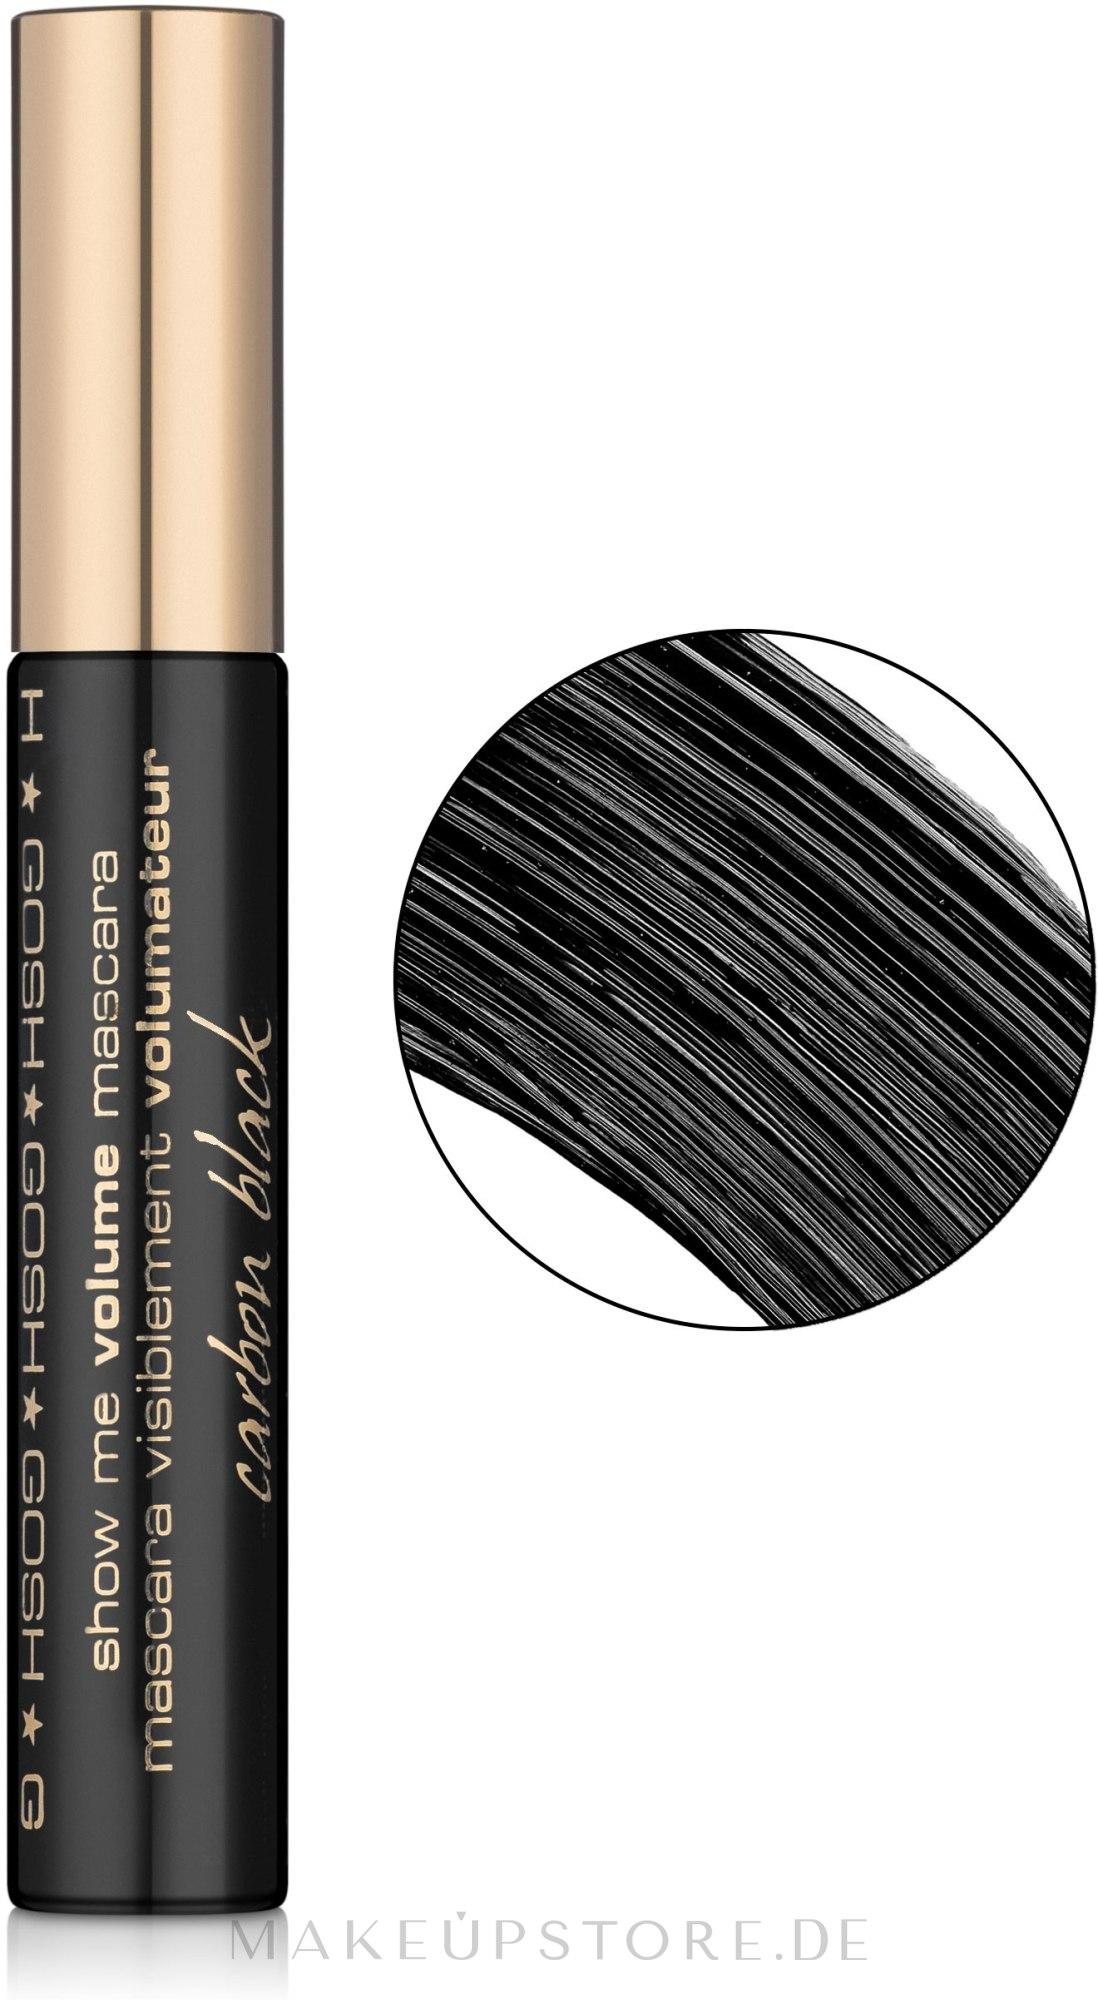 Wimperntusche für mehr Volumen - Gosh Show Me Volume Mascara — Bild Carbon Black